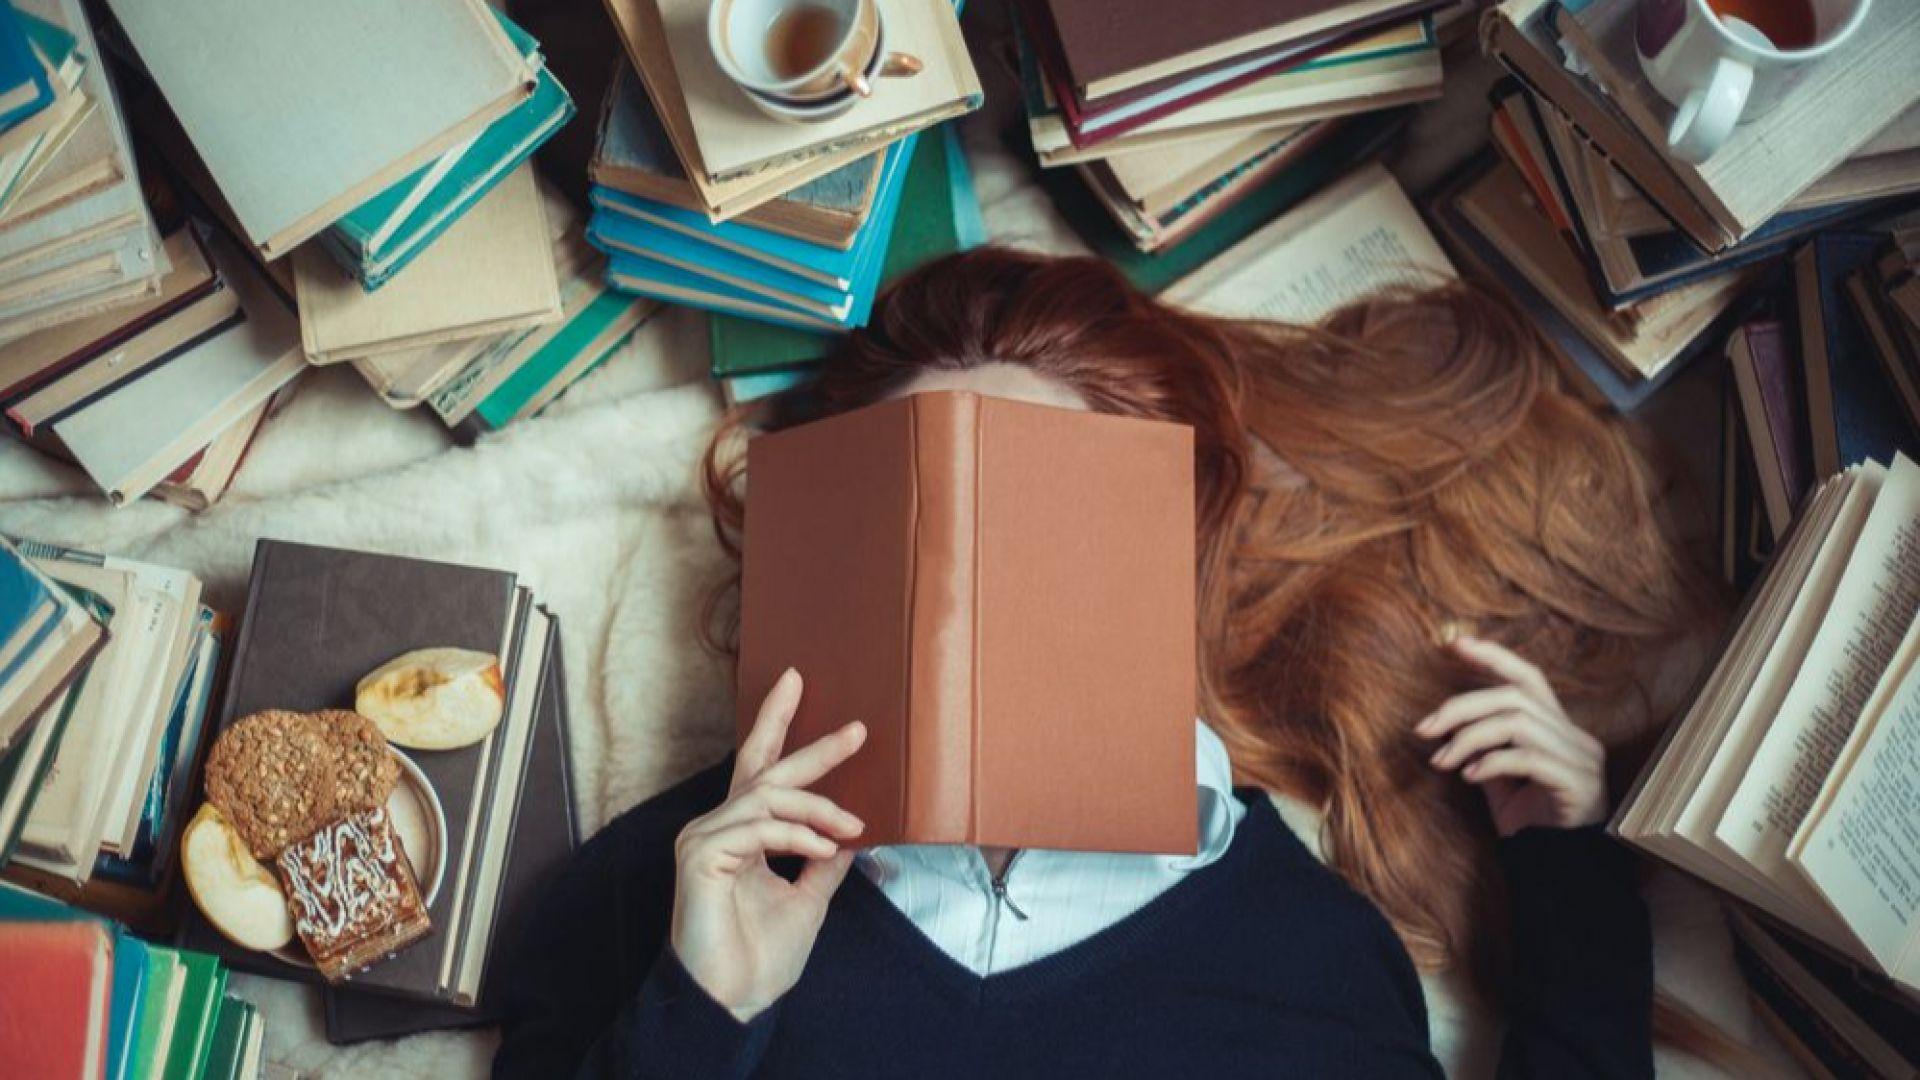 Липсата на сън пречи при подготовката за изпити